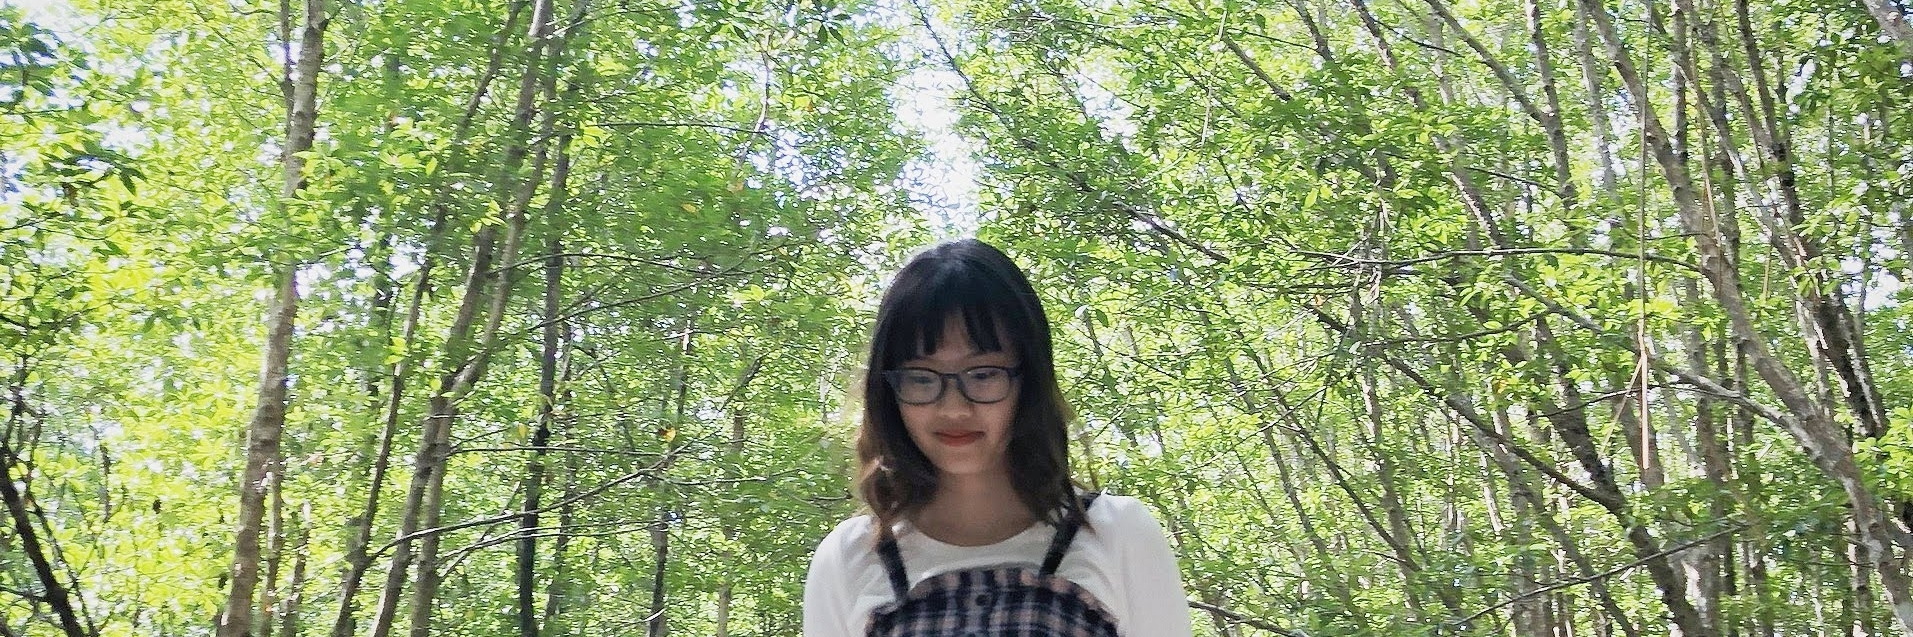 https://gody.vn/blog/dungfb05056818/post/hanh-trinh-ra-dat-mui-ca-mau-2905